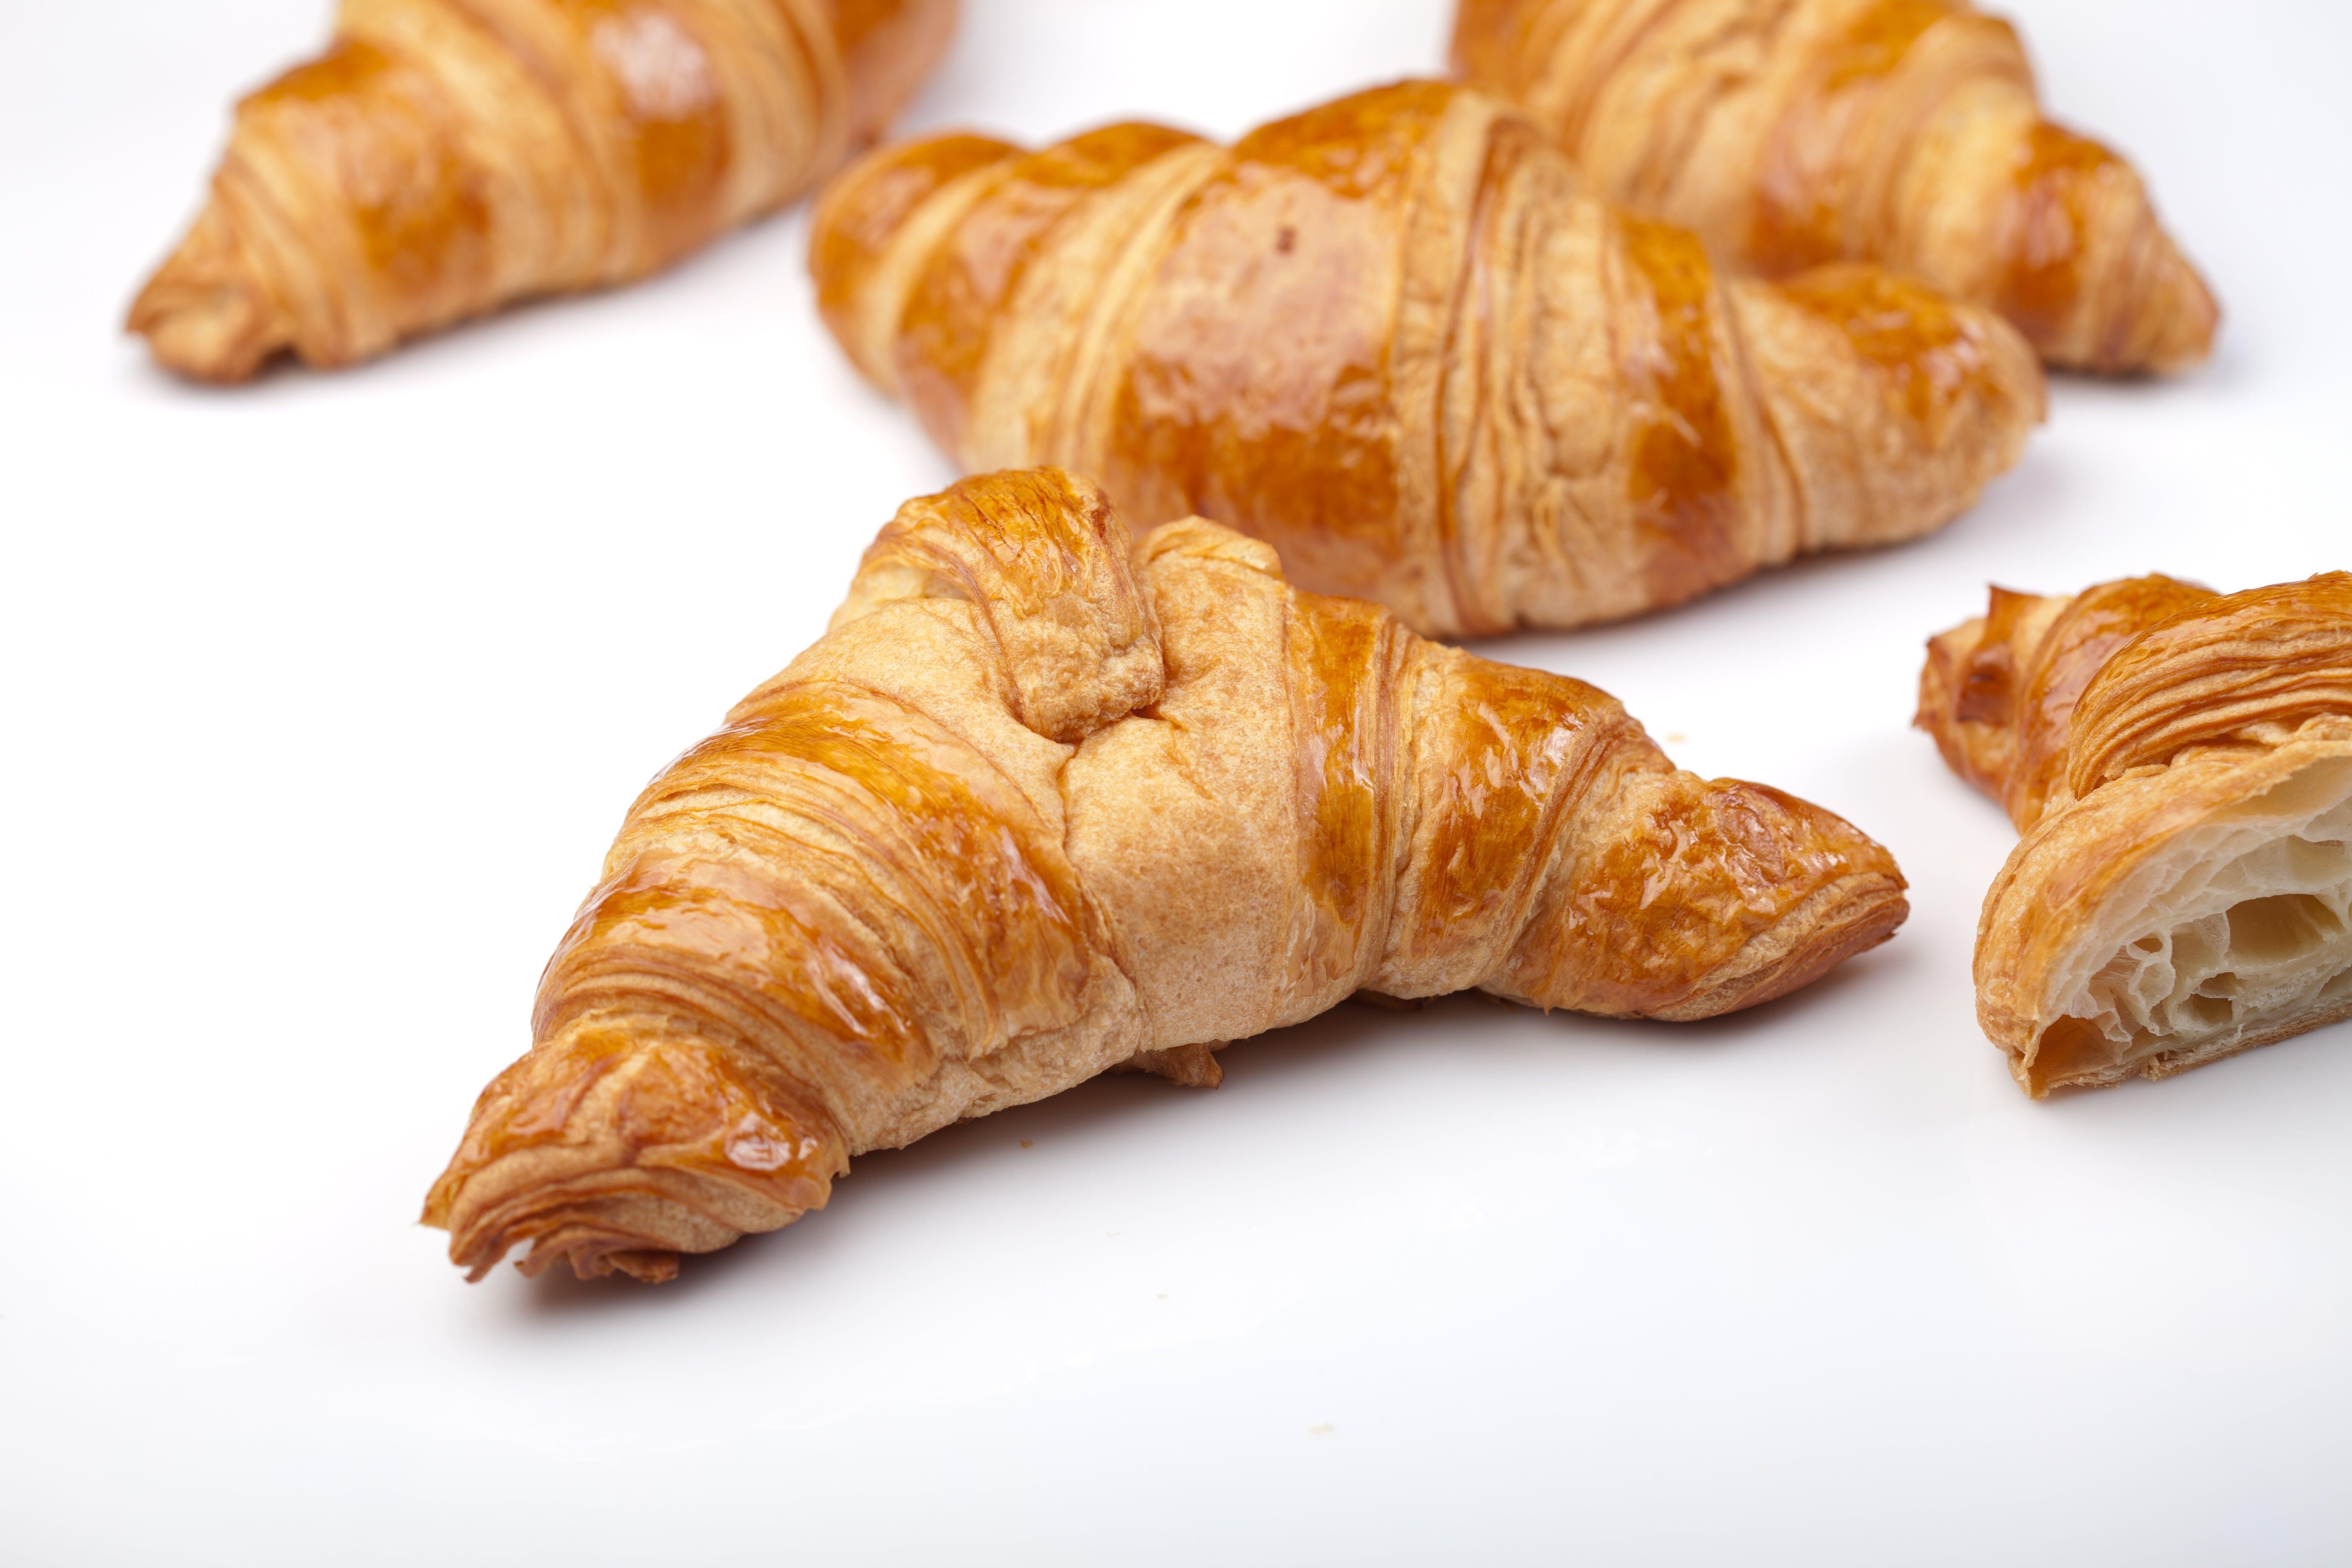 Gratis stockfoto met bakkerij, boter, brood, croissants